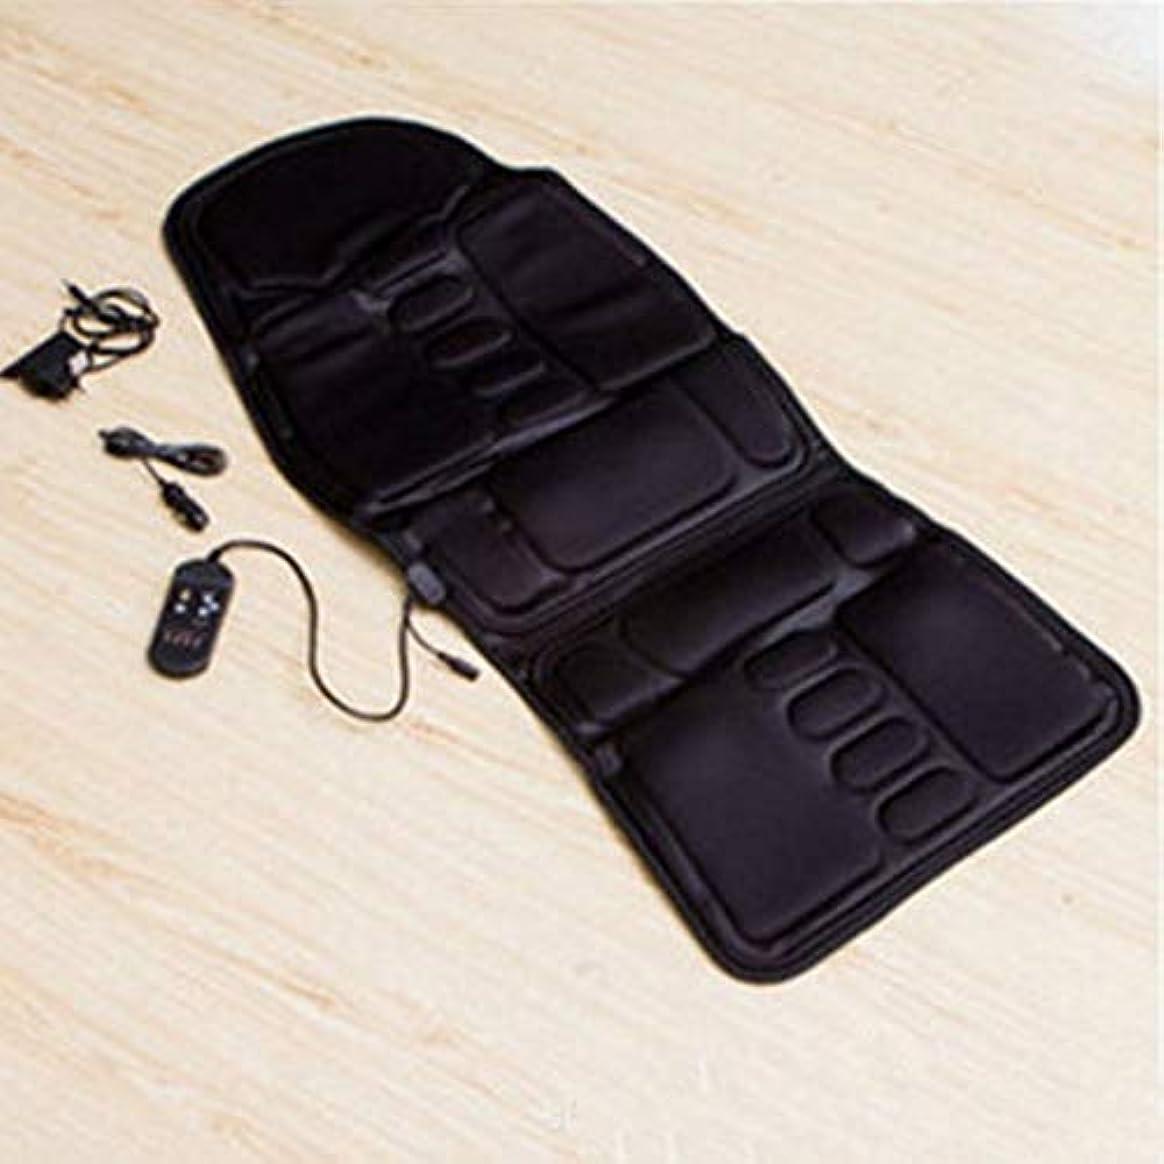 喪偏心不平を言うCar Chair Home Seat Heat Cushion Back Neck Waist Body Electric Multifunctional Chair Massage Pad Back Massager